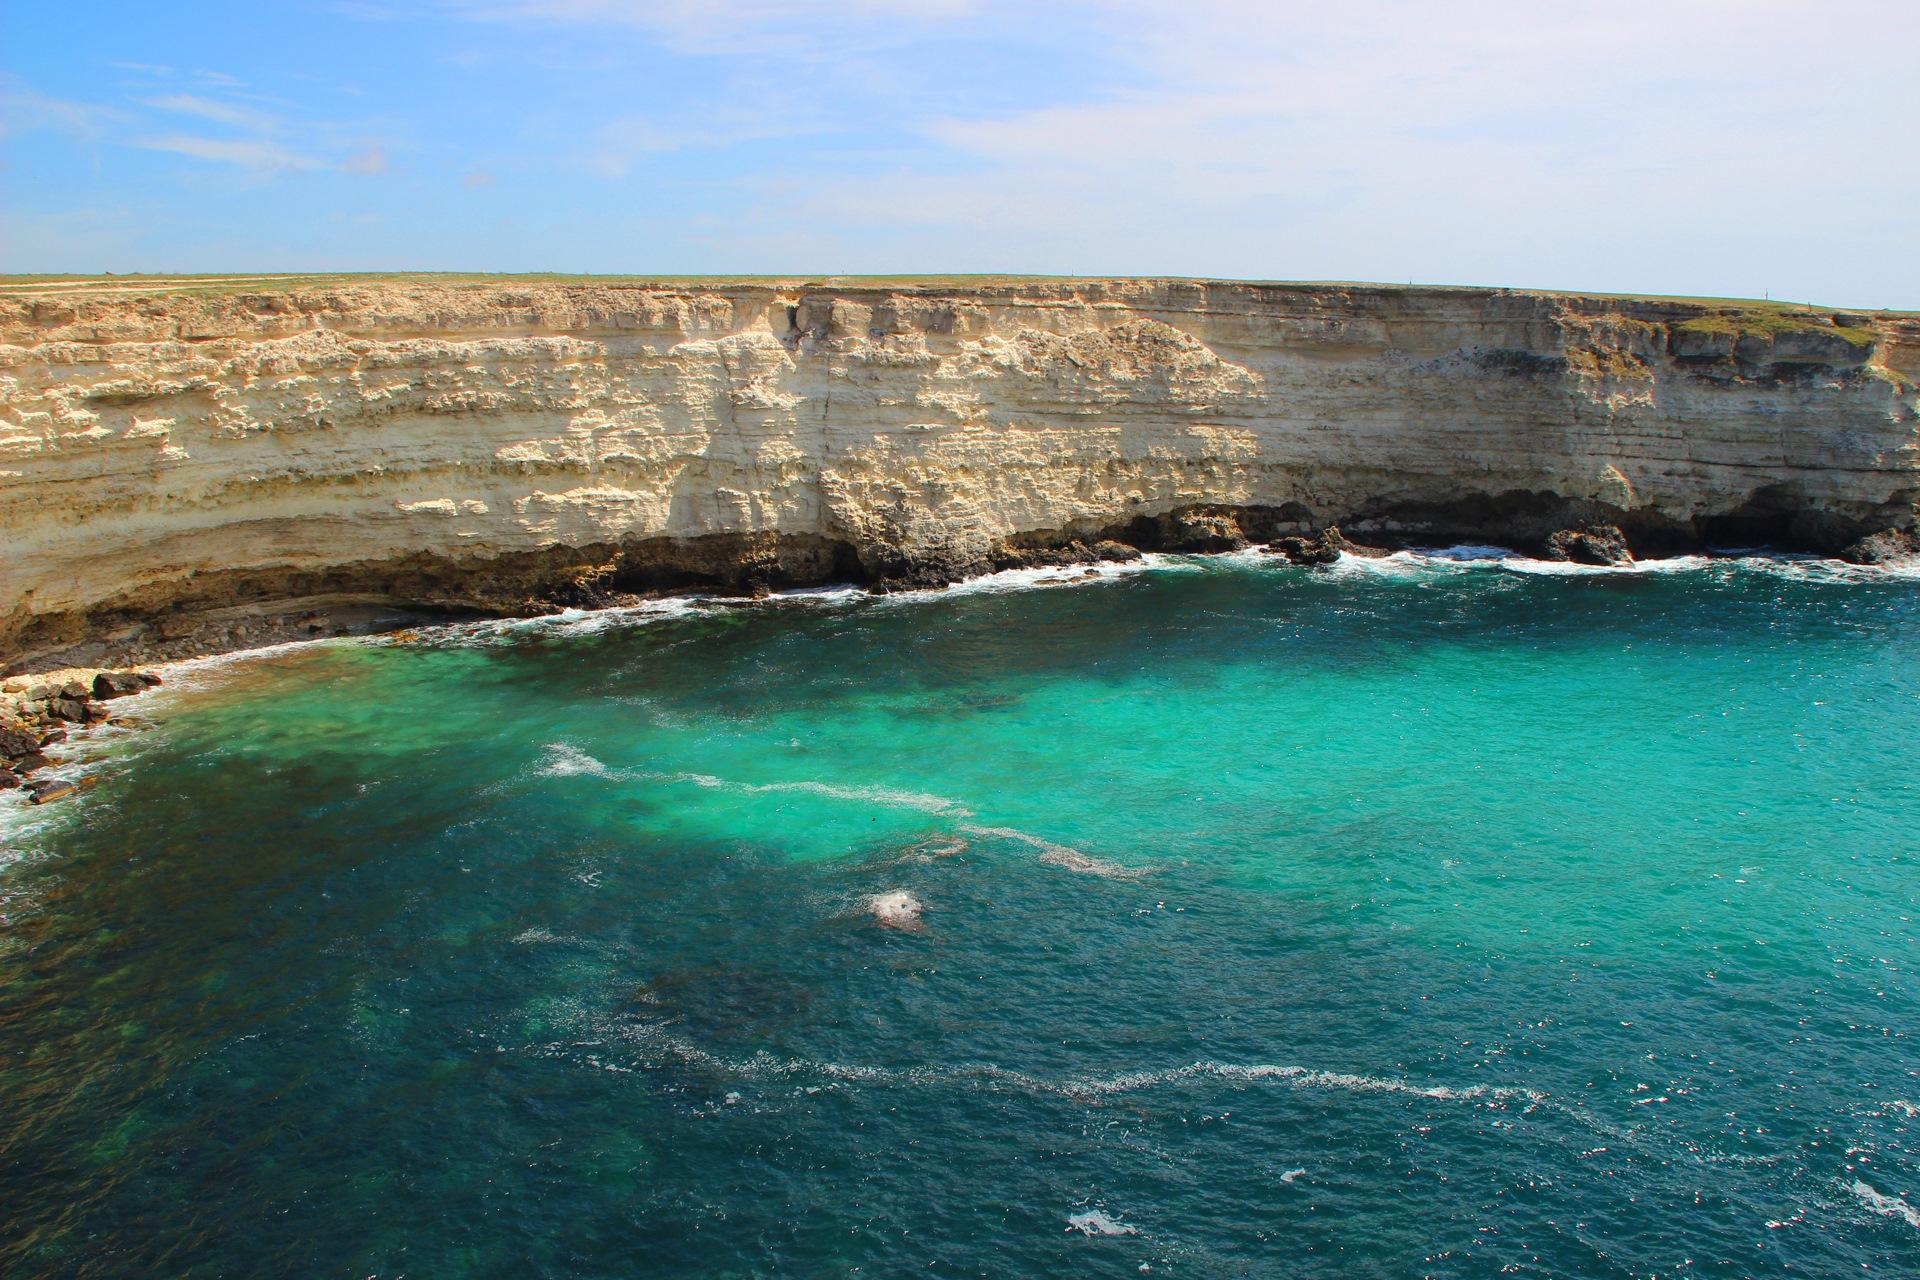 крым тарханкут фото пляжей и набережной каталонии популярна